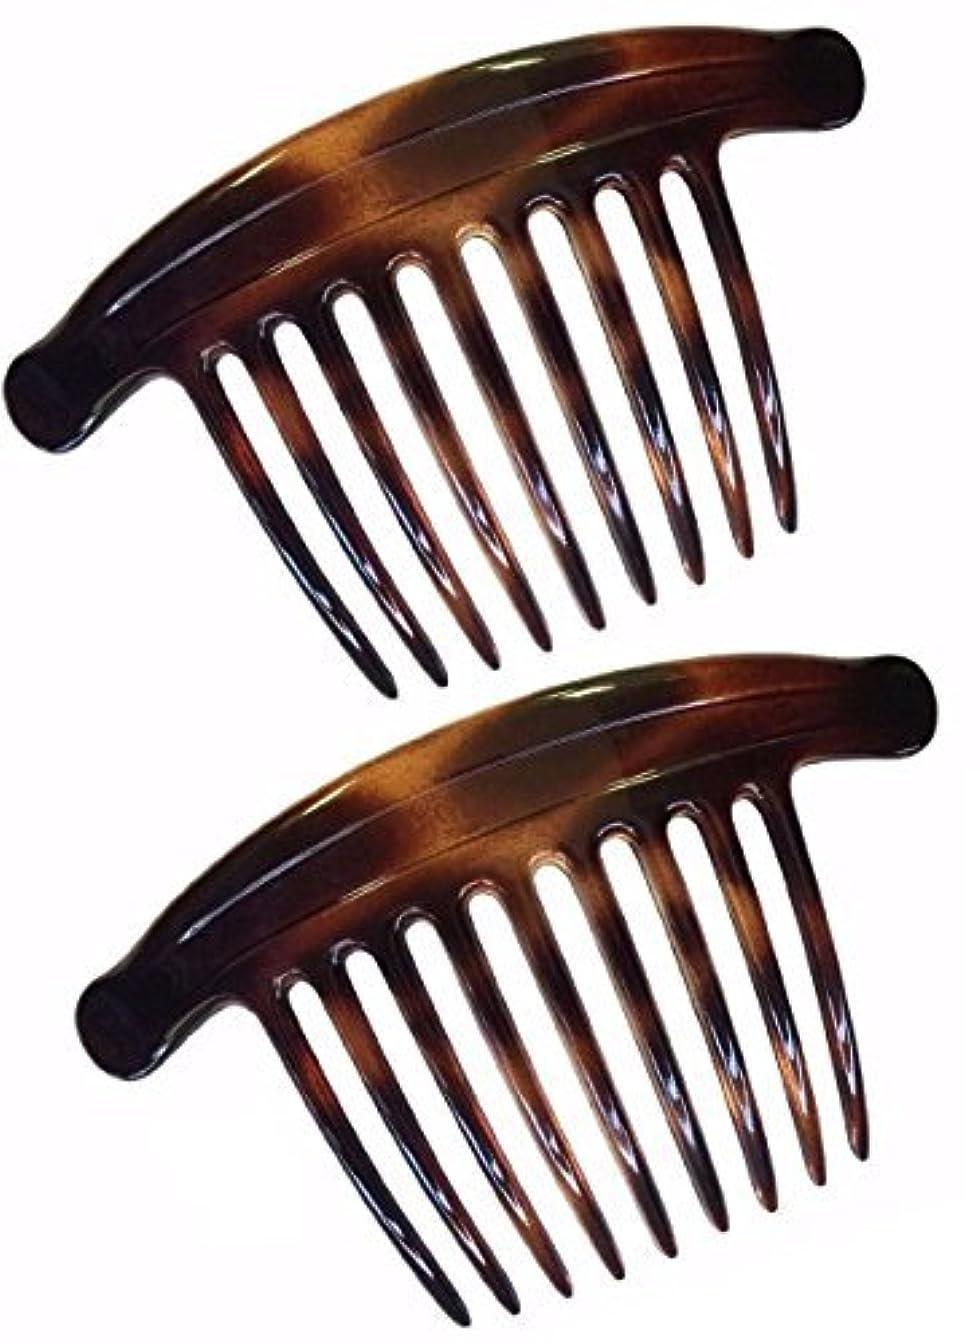 ブローホールモート組み込むParcelona French Lip Interlocking 9 Teeth 4.5 Inch Large Cellulose Tortoise Shell Side Hair Combs [並行輸入品]